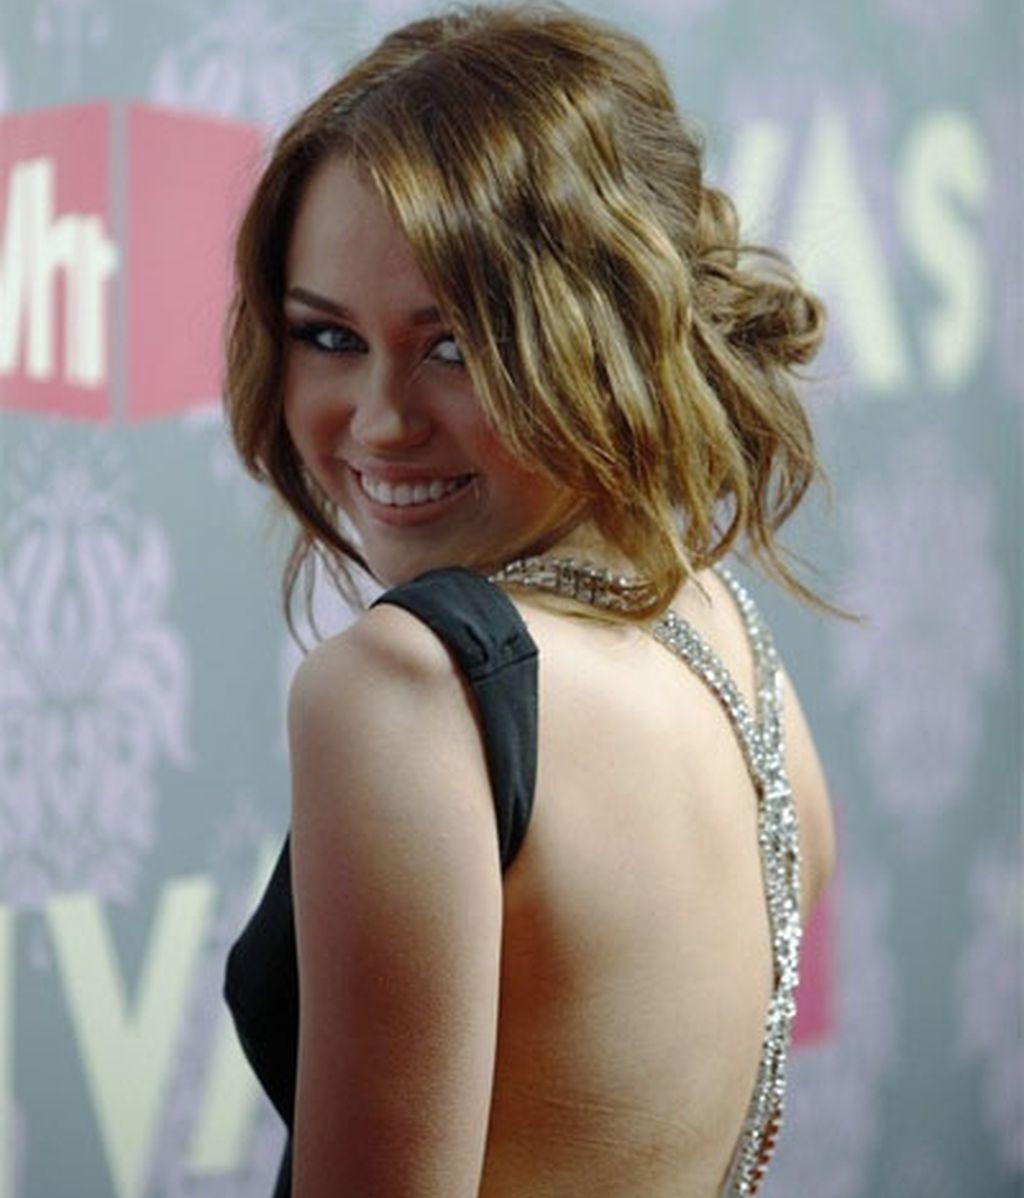 Hannah Montana quiere abandonar su imagen de niña. Foto: Reuters